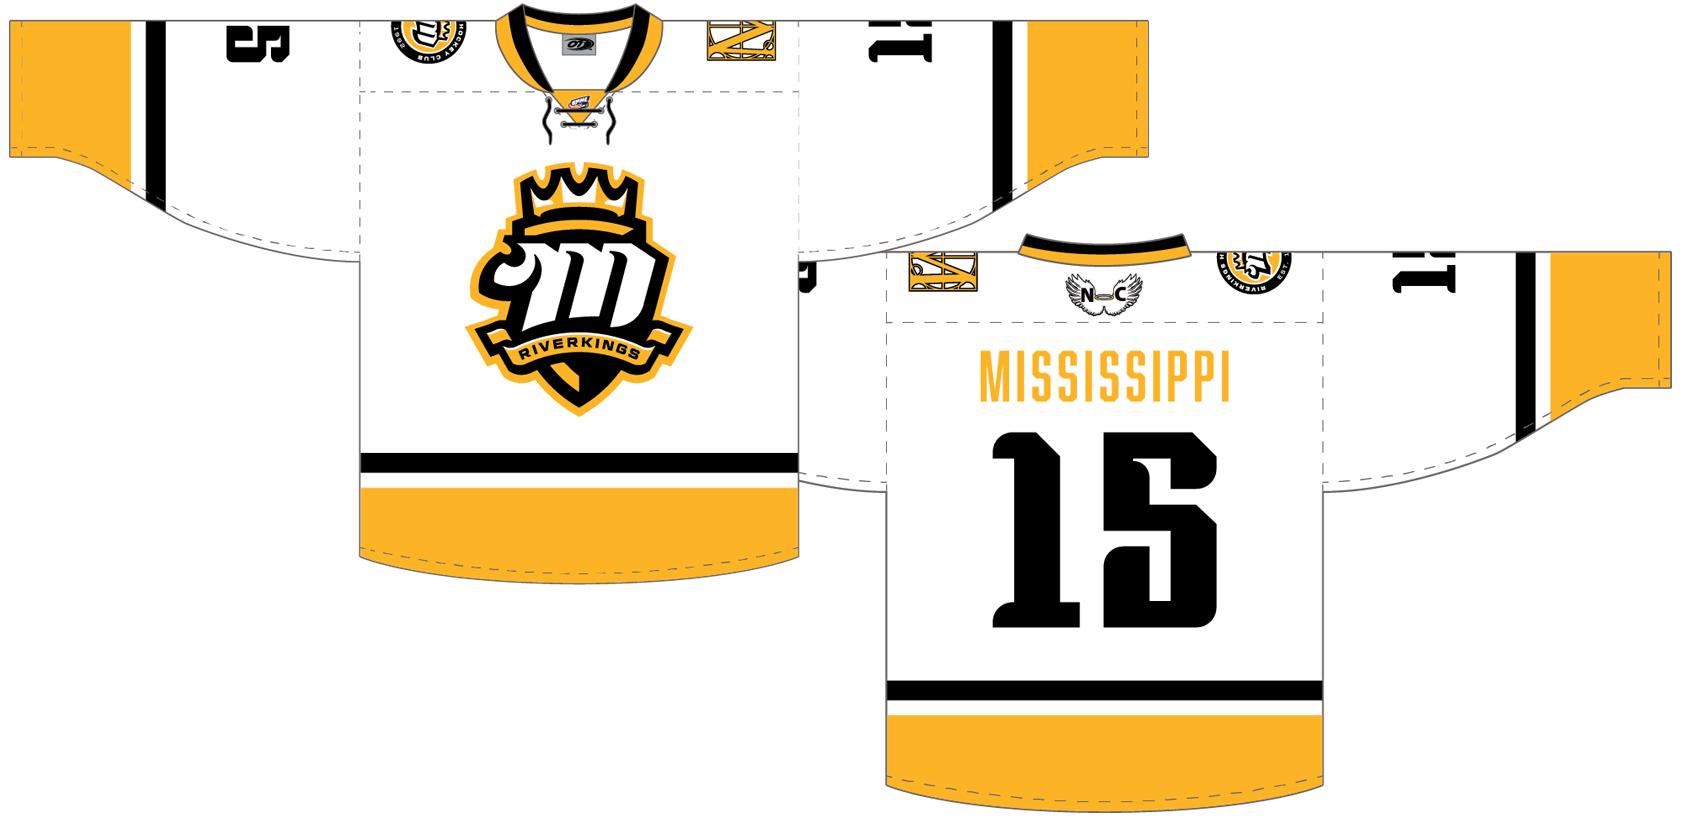 Mississippi RiverKings Uniform Light Uniform (2015/16-Pres) -  SportsLogos.Net